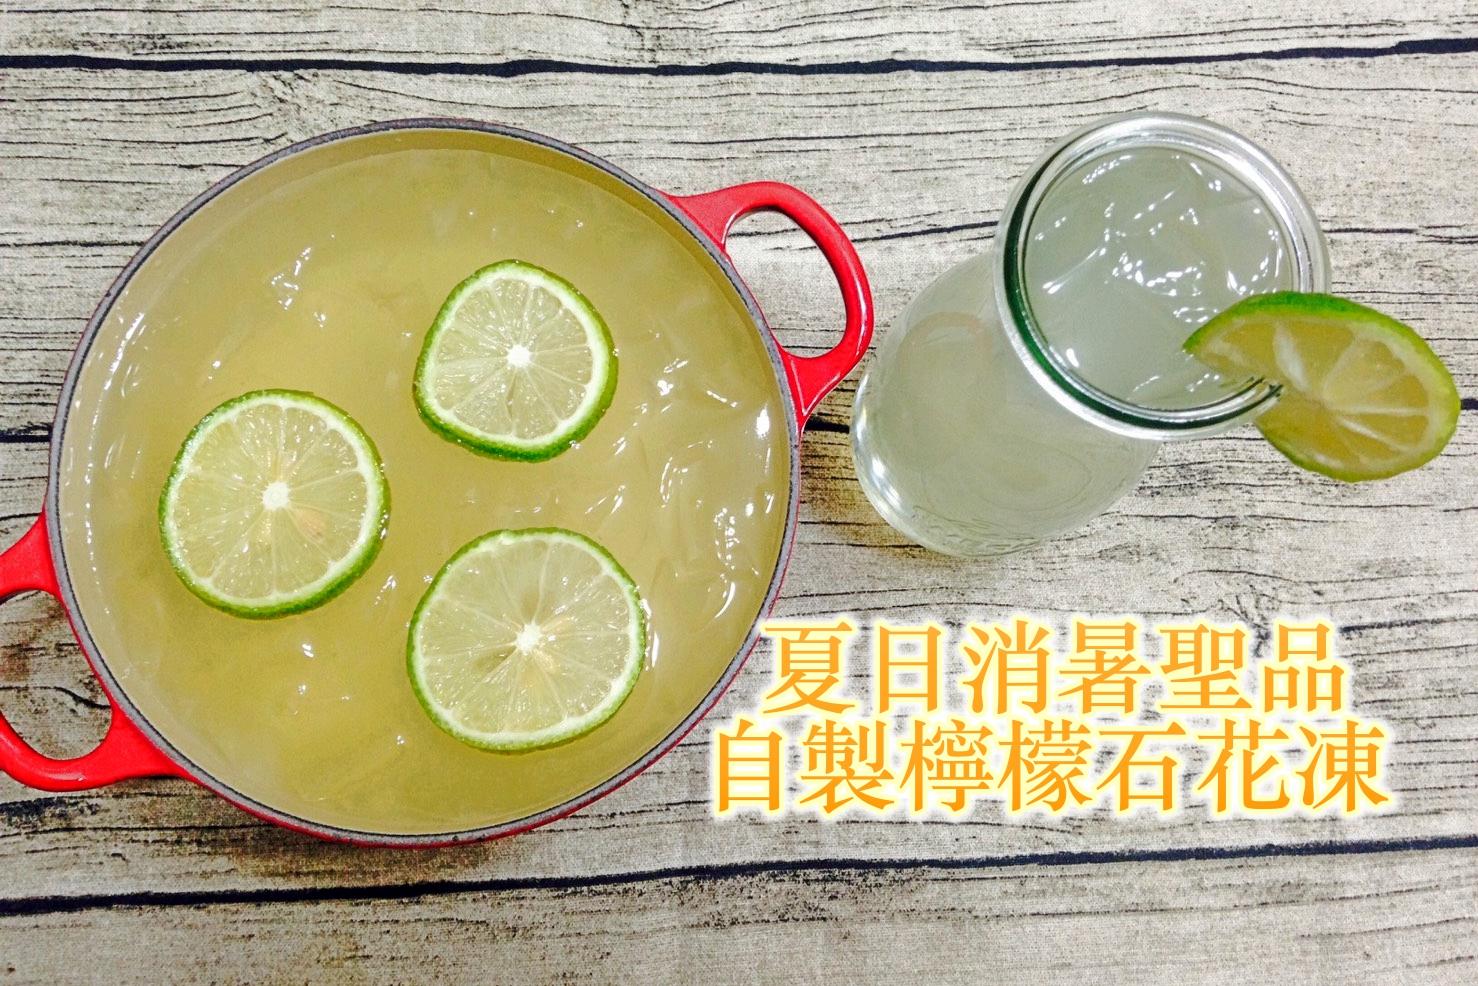 [美食] 台南 新北 東北角 石花菜 販售 購買 哪裡買 產地直銷、品質保證 簡單便宜就可自製檸檬石花凍!